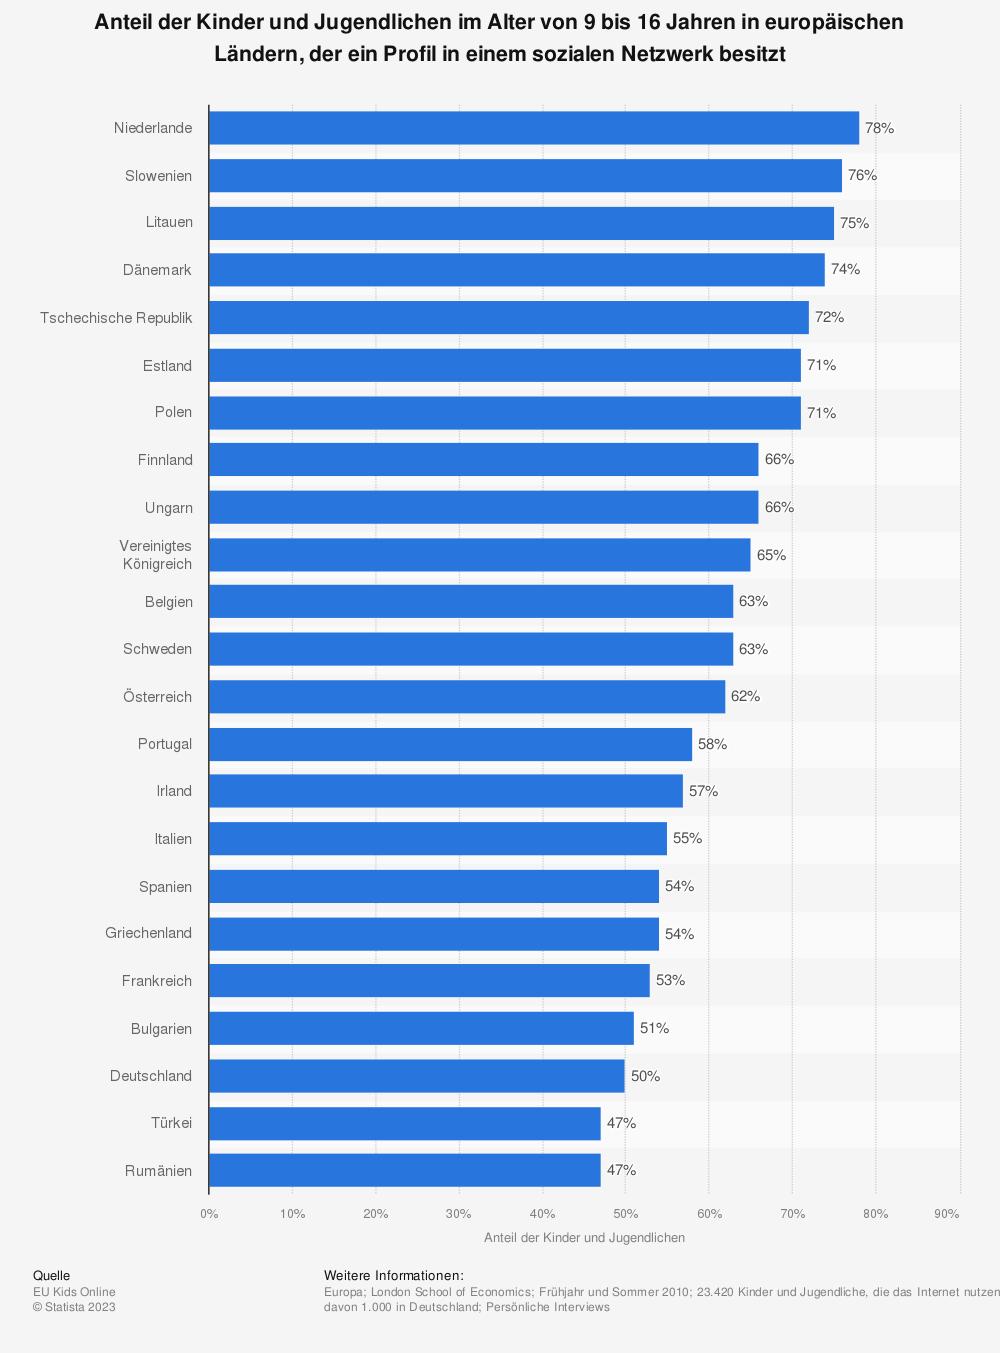 Statistik: Anteil der Kinder und Jugendlichen im Alter von 9 bis 16 Jahren in europäischen Ländern, der ein Profil in einem sozialen Netzwerk besitzt | Statista